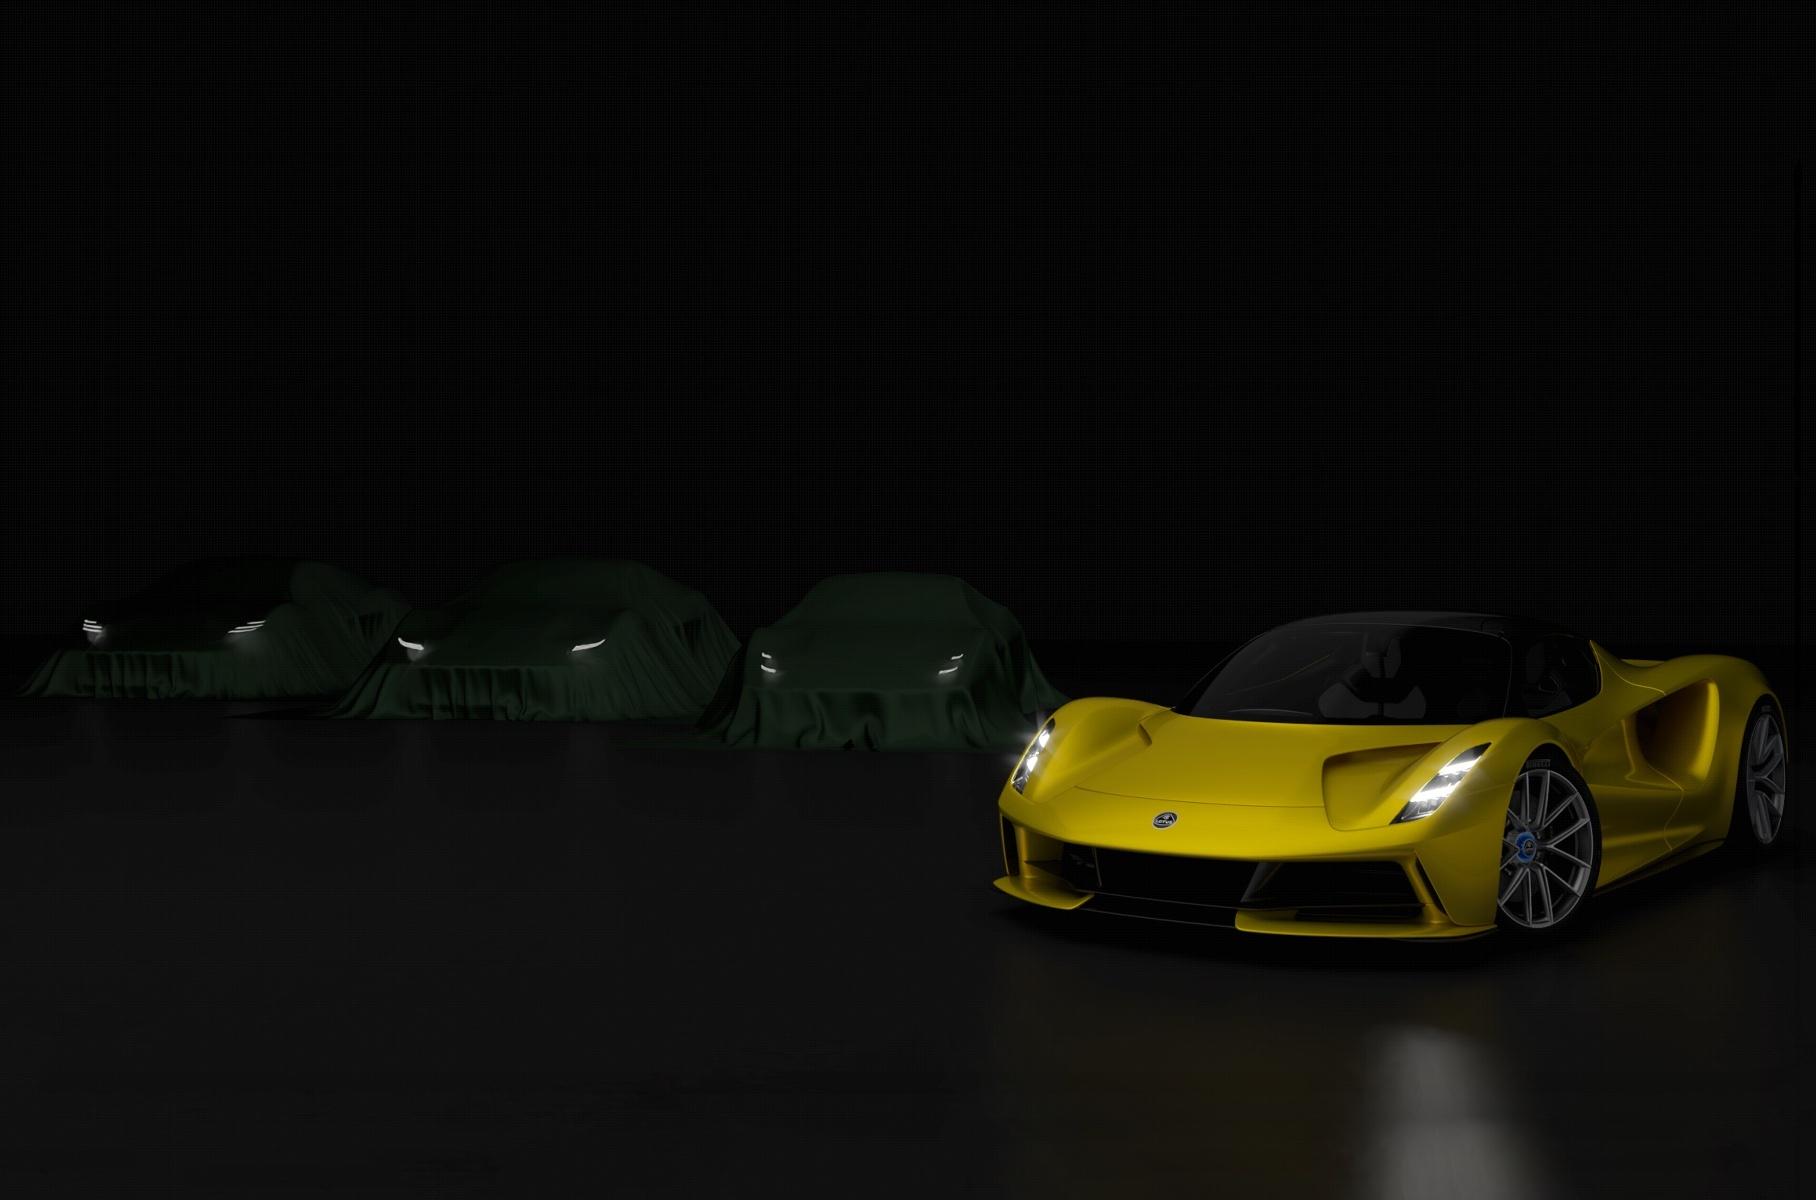 Lotus показал первое изображение нового спорткара